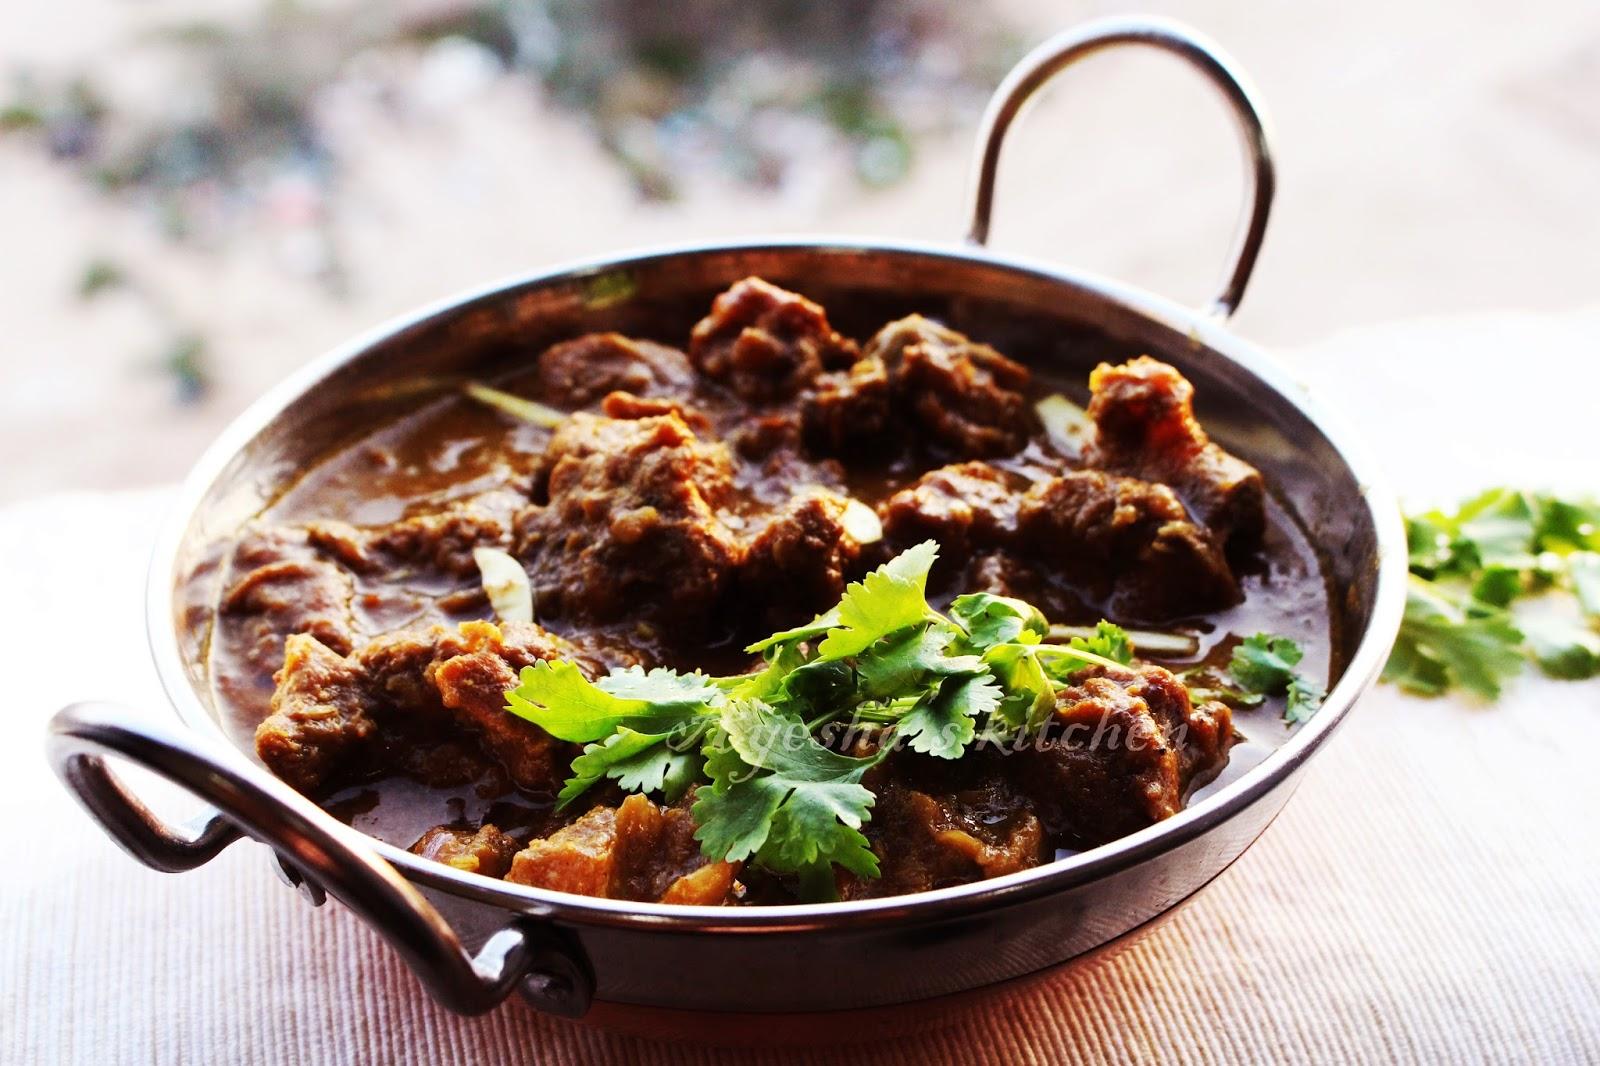 Mutton recipe mutton karahi mutton kadai lamb recipes mutton kadai karahi ayeshas kitchen lamb recipes mutton recipes goat recipes forumfinder Gallery